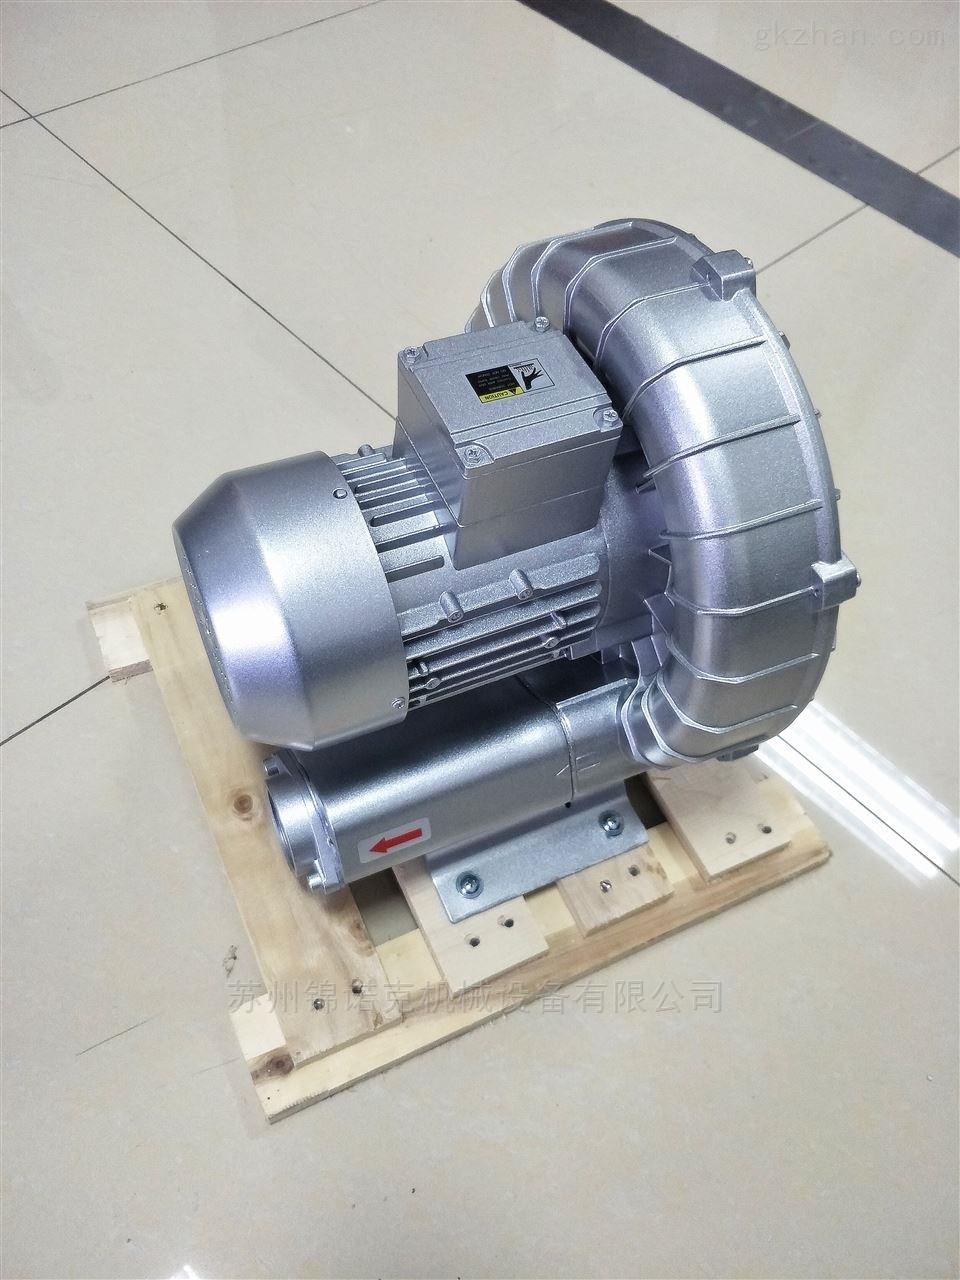 旋涡高压气泵/旋涡环形风机-环形鼓风机价格